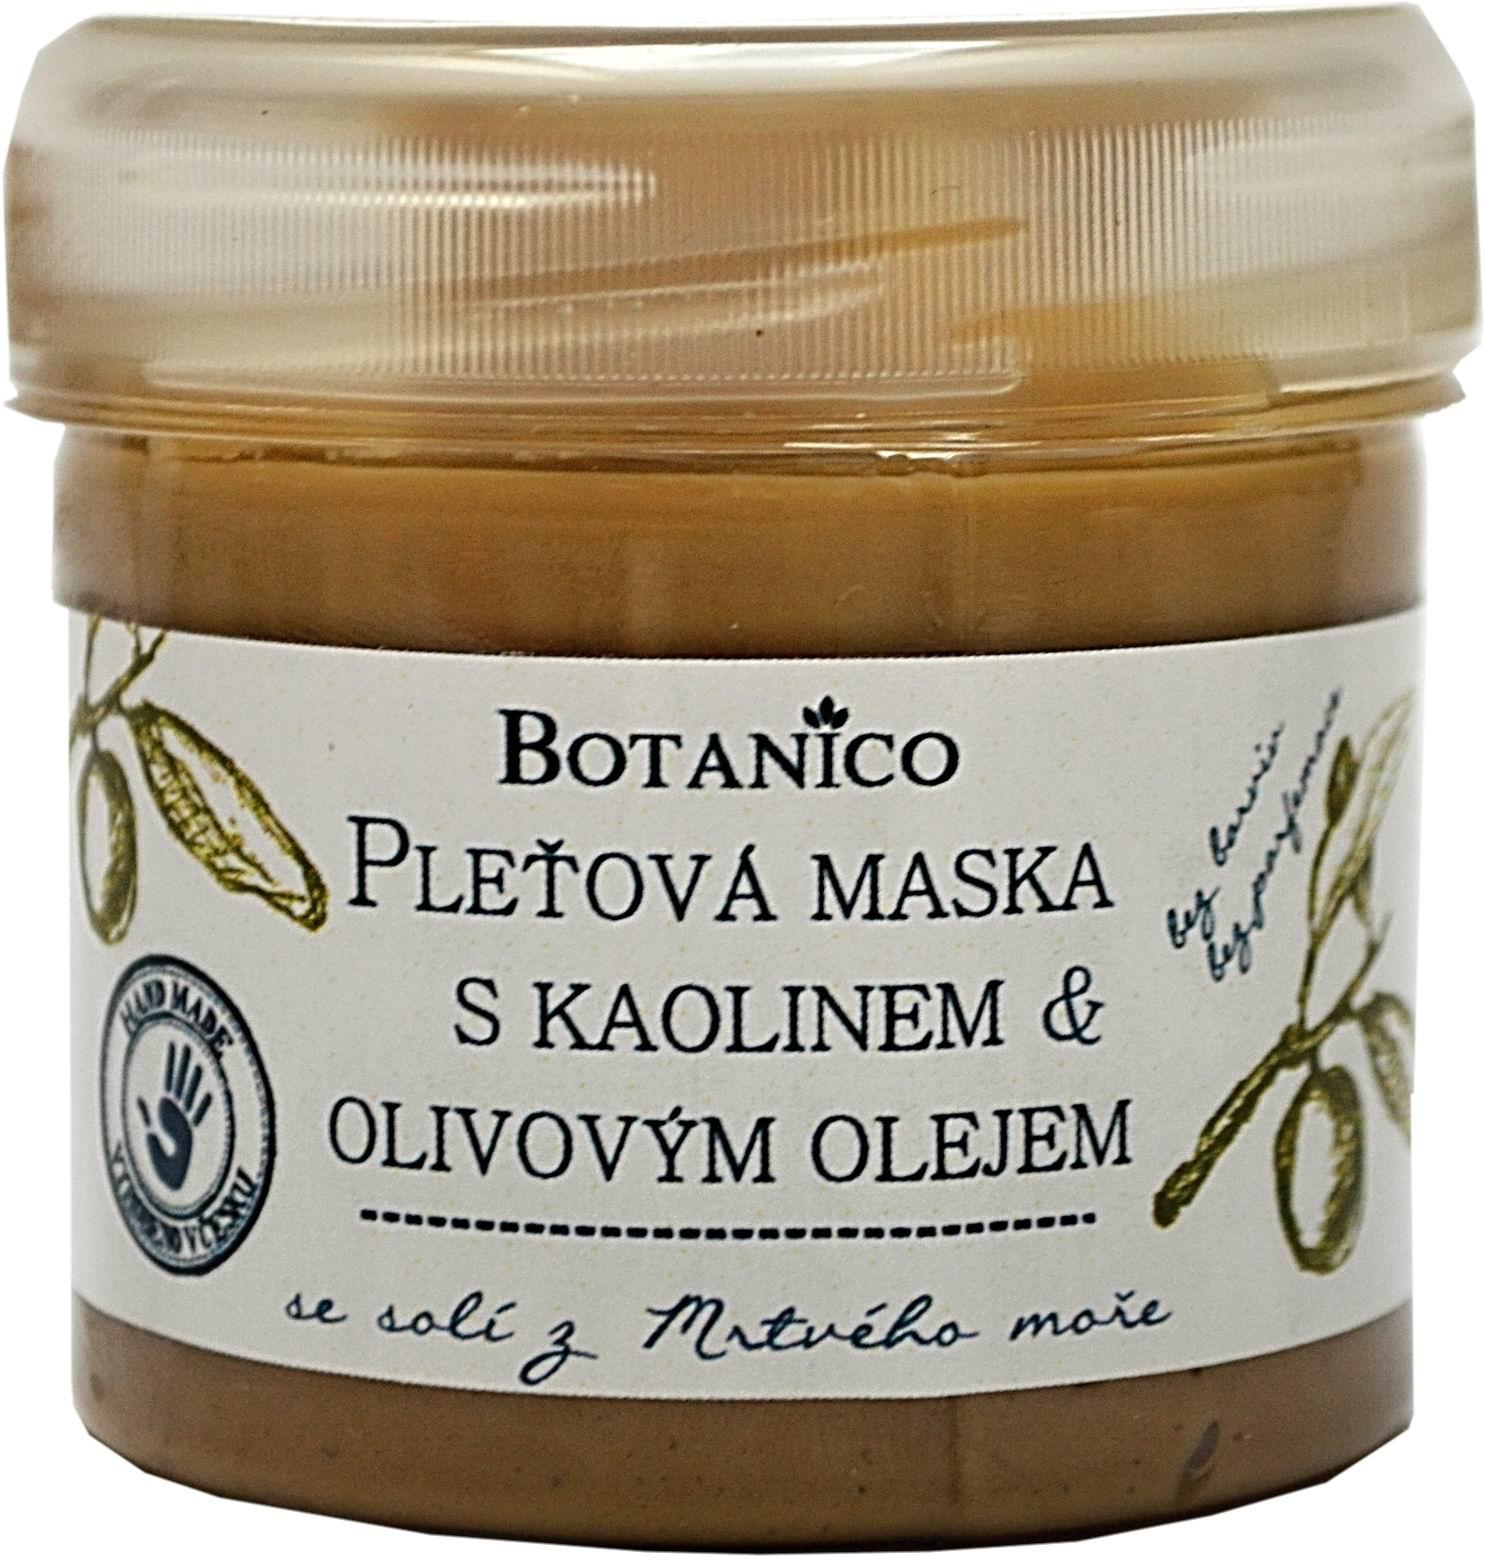 Kaolínová pleťová maska s olivovým olejem 100ml Botanico (Kopírovat)